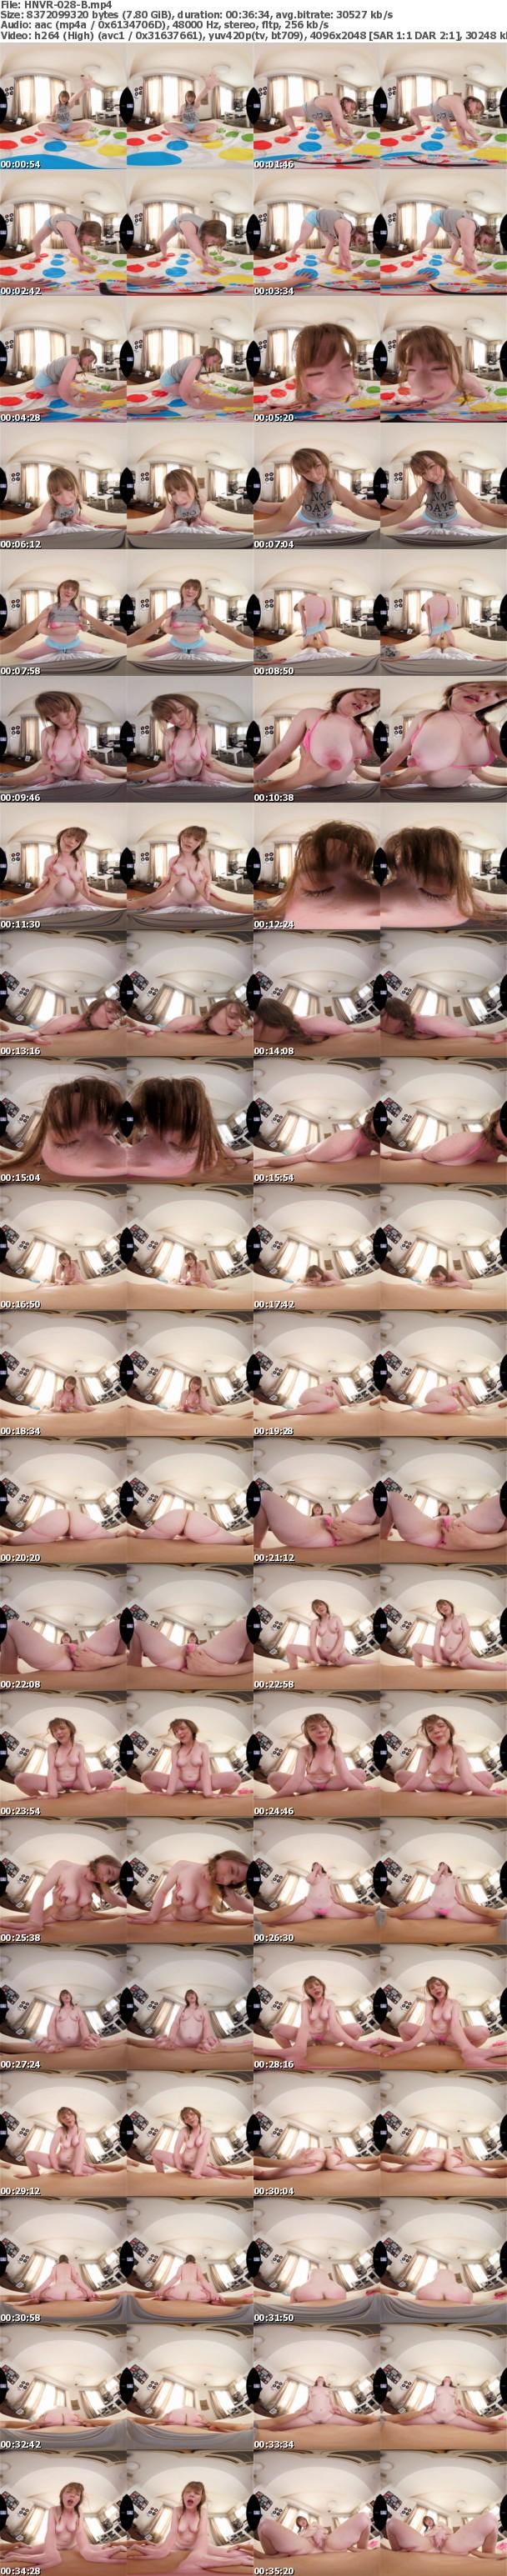 (VR) HNVR-028 性欲強めな金髪ワイフとイチィチャ子作り新婚生活体験VR ジューン・ラブジョイ